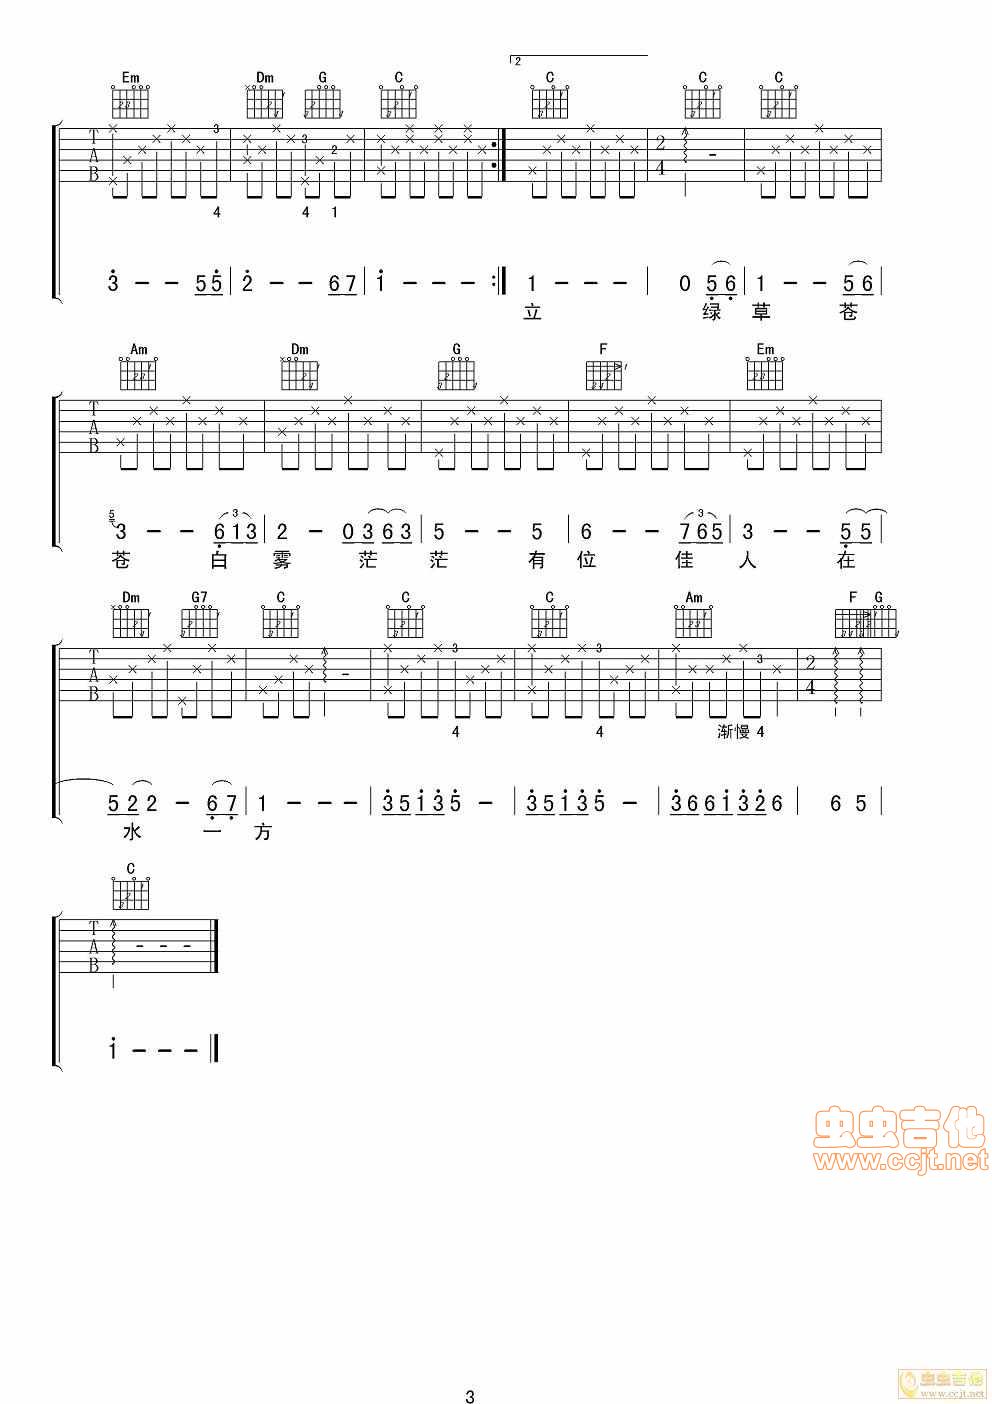 费玉清 在水一方 女声版C调六线吉他谱 虫虫吉他谱免费下载